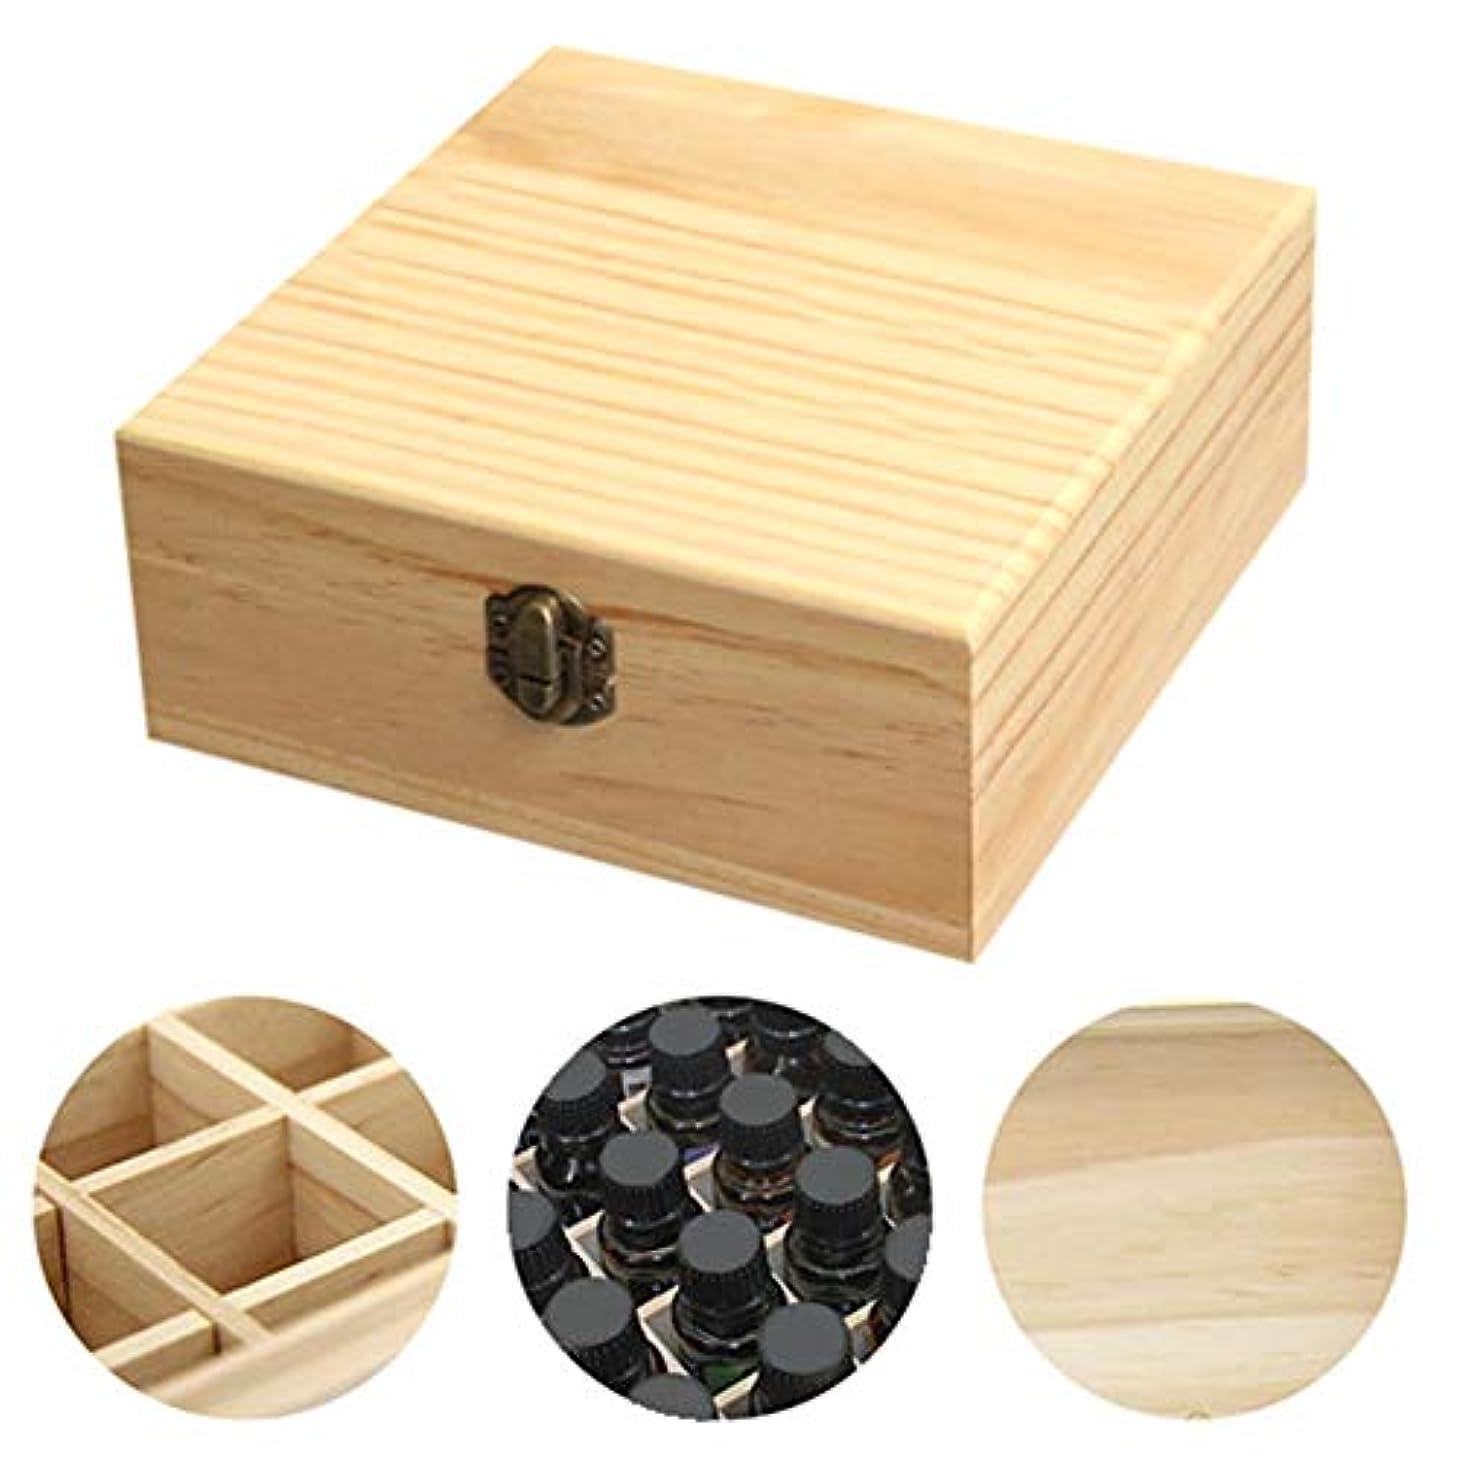 混乱したペア共同選択clouday エッセンシャルオイル収納ボックス 自然木製 エッセンシャルオイルオイル 収納 ボックス 香水収納ケース アロマオイル収納ボックス 25本用 approving